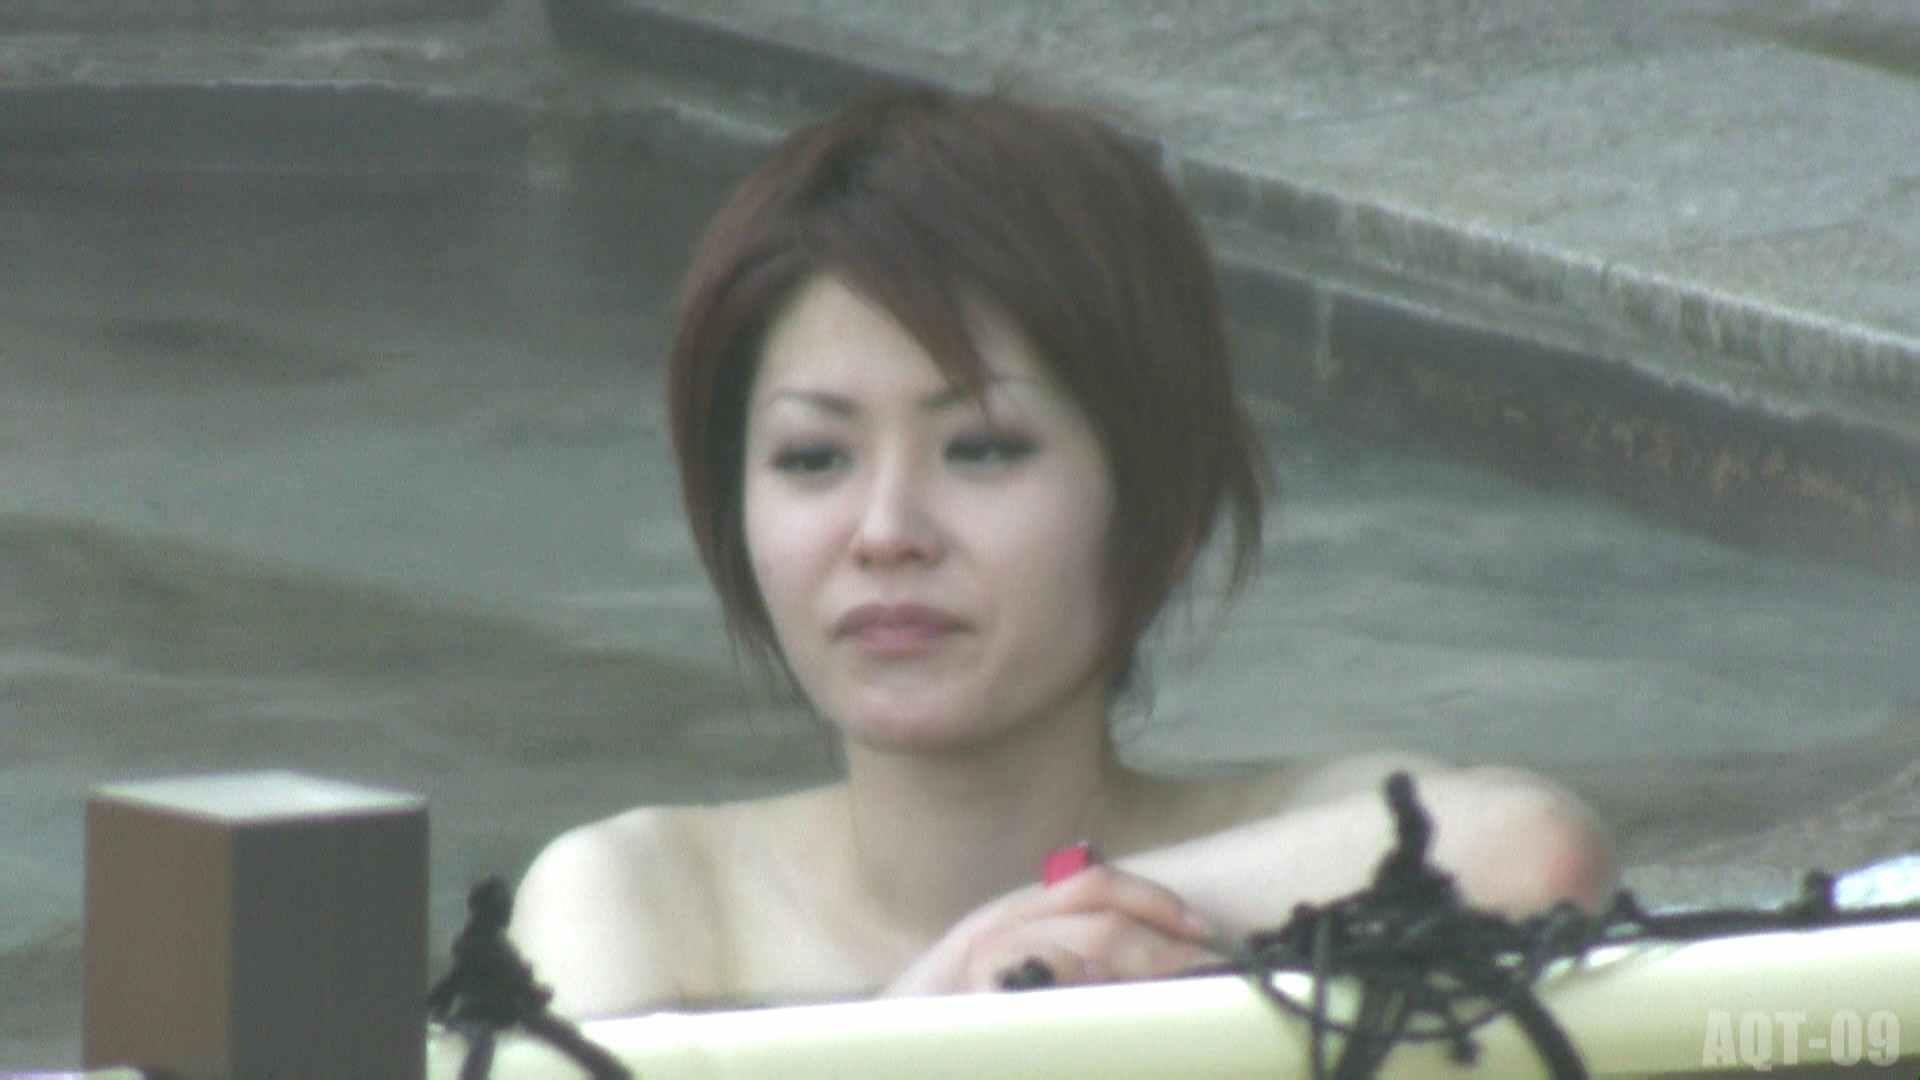 Aquaな露天風呂Vol.779 盗撮  107画像 51